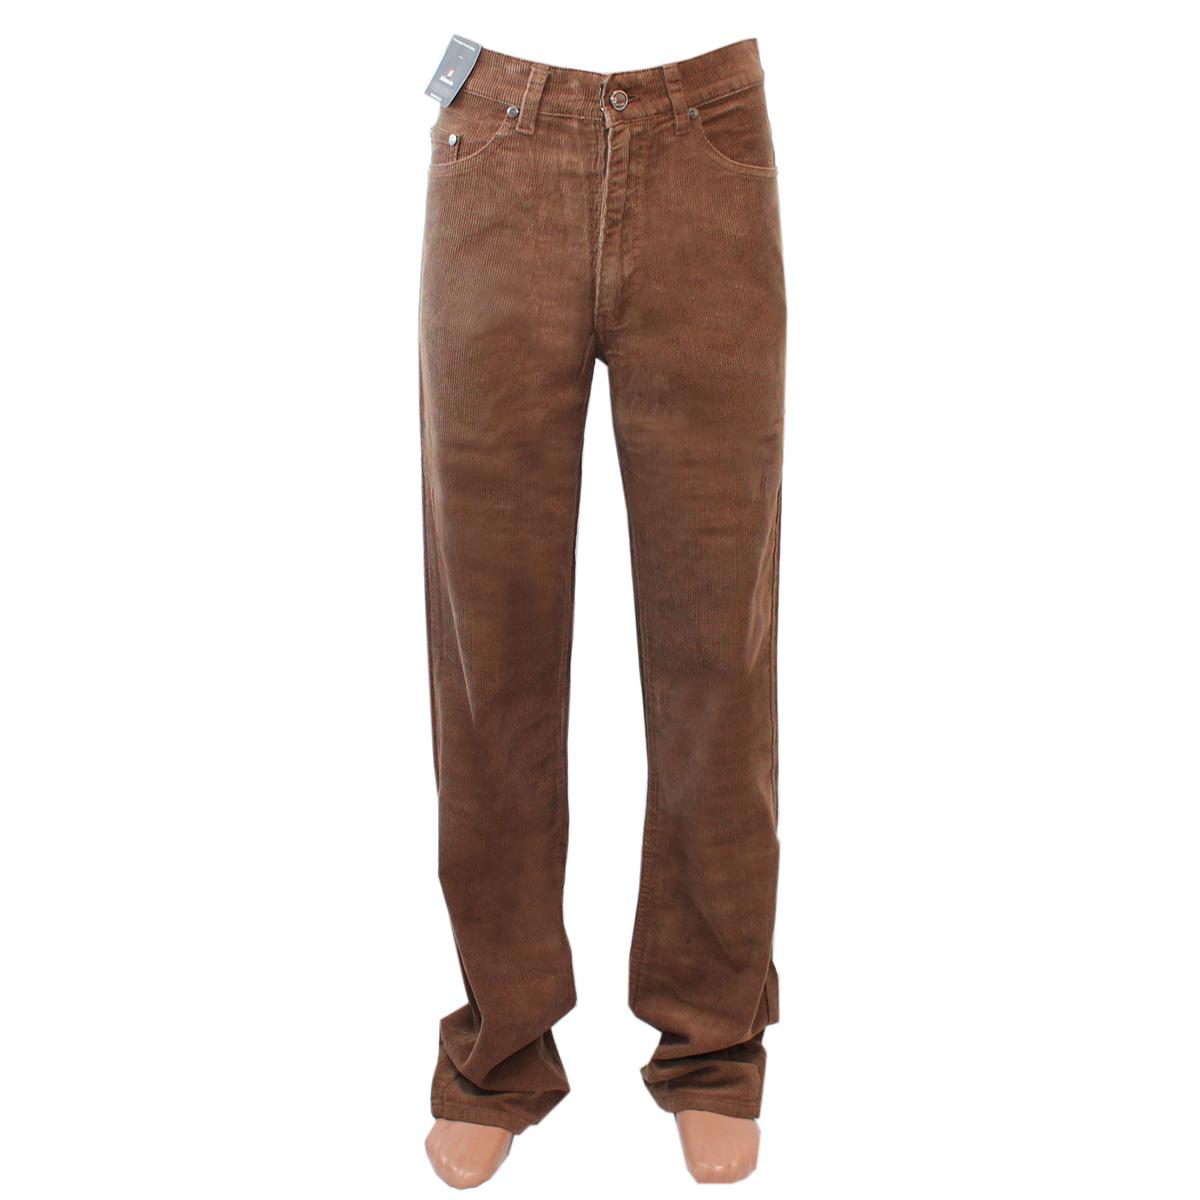 Светло-коричневый цвет одежды